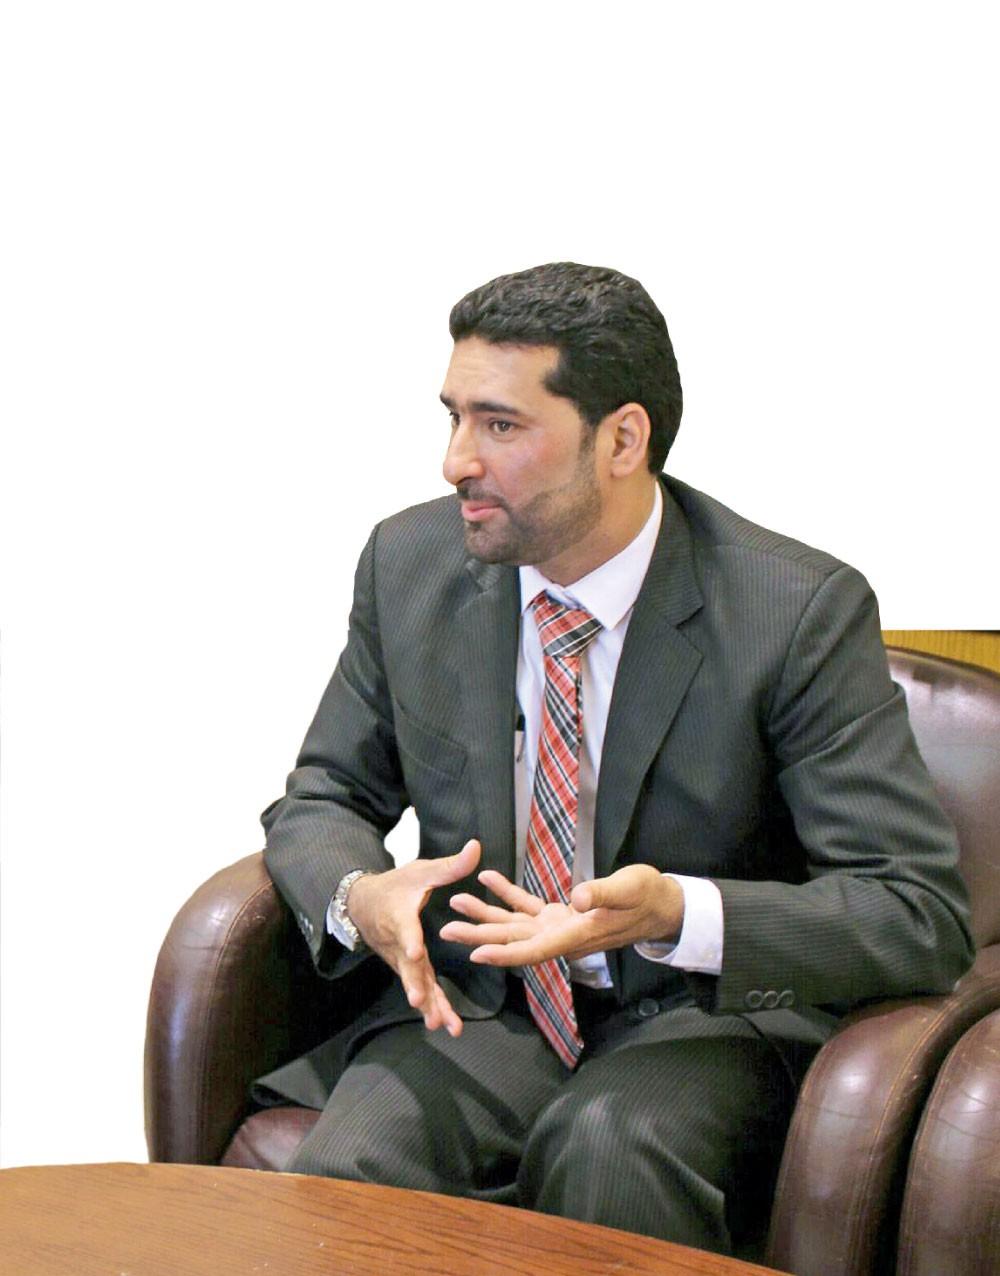 المدرب طرّادة: شهادات الدورات المباعة حبر على ورق